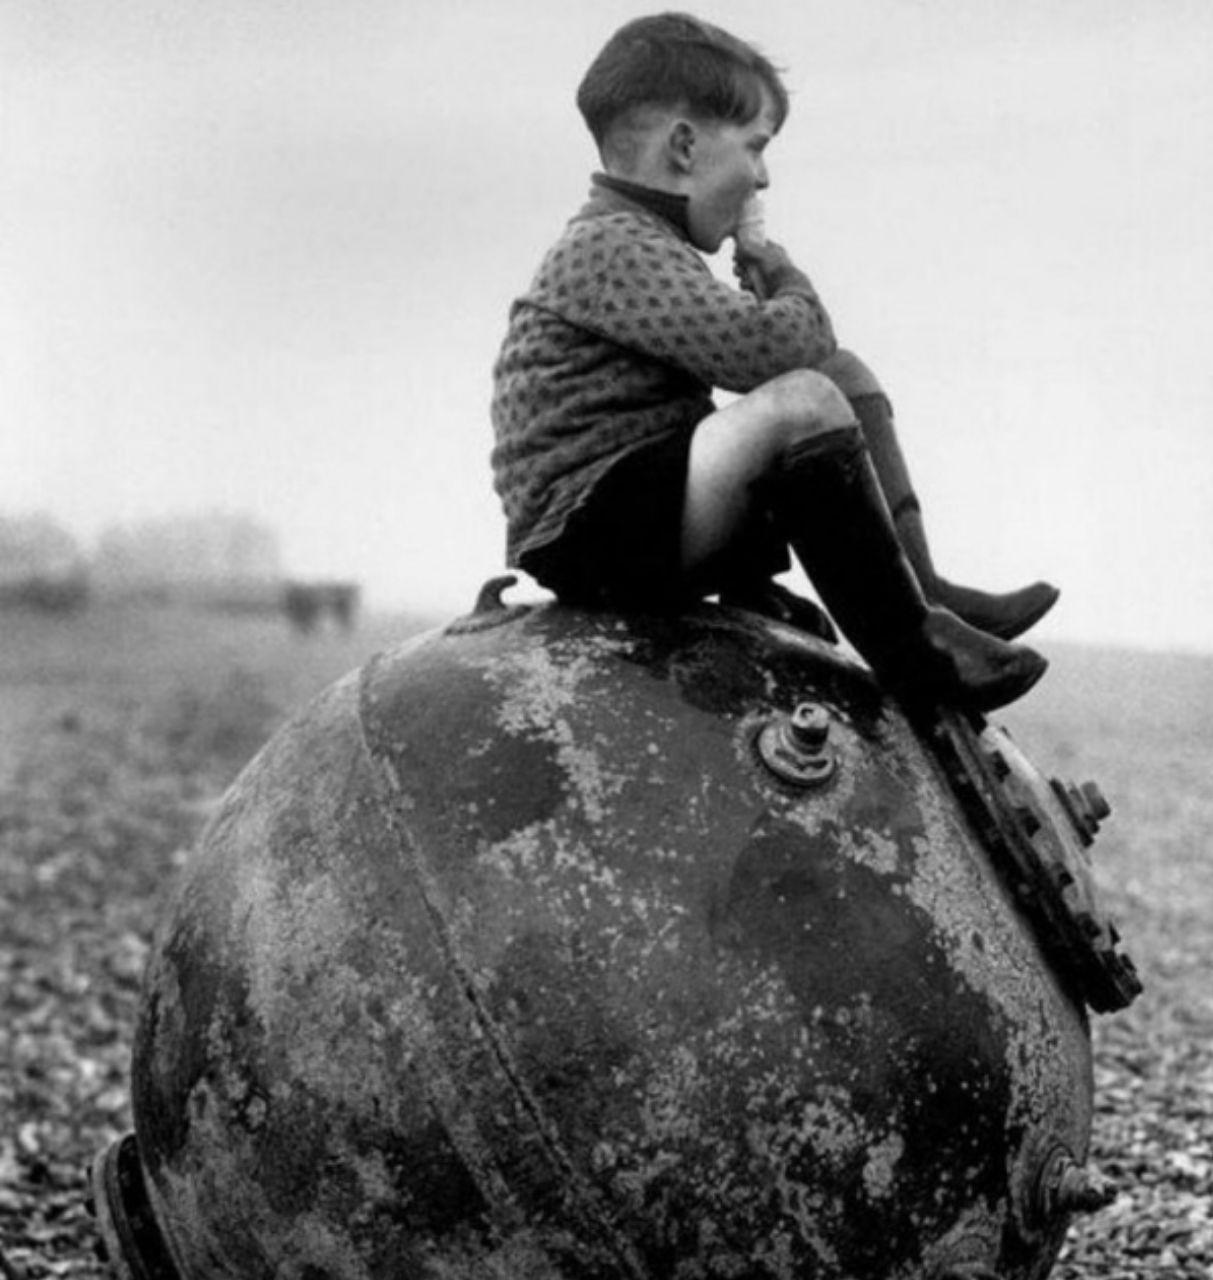 1945-Un-bambino-inglese-seduto-sopra-una-mina-marina-al-termine-della-guerra